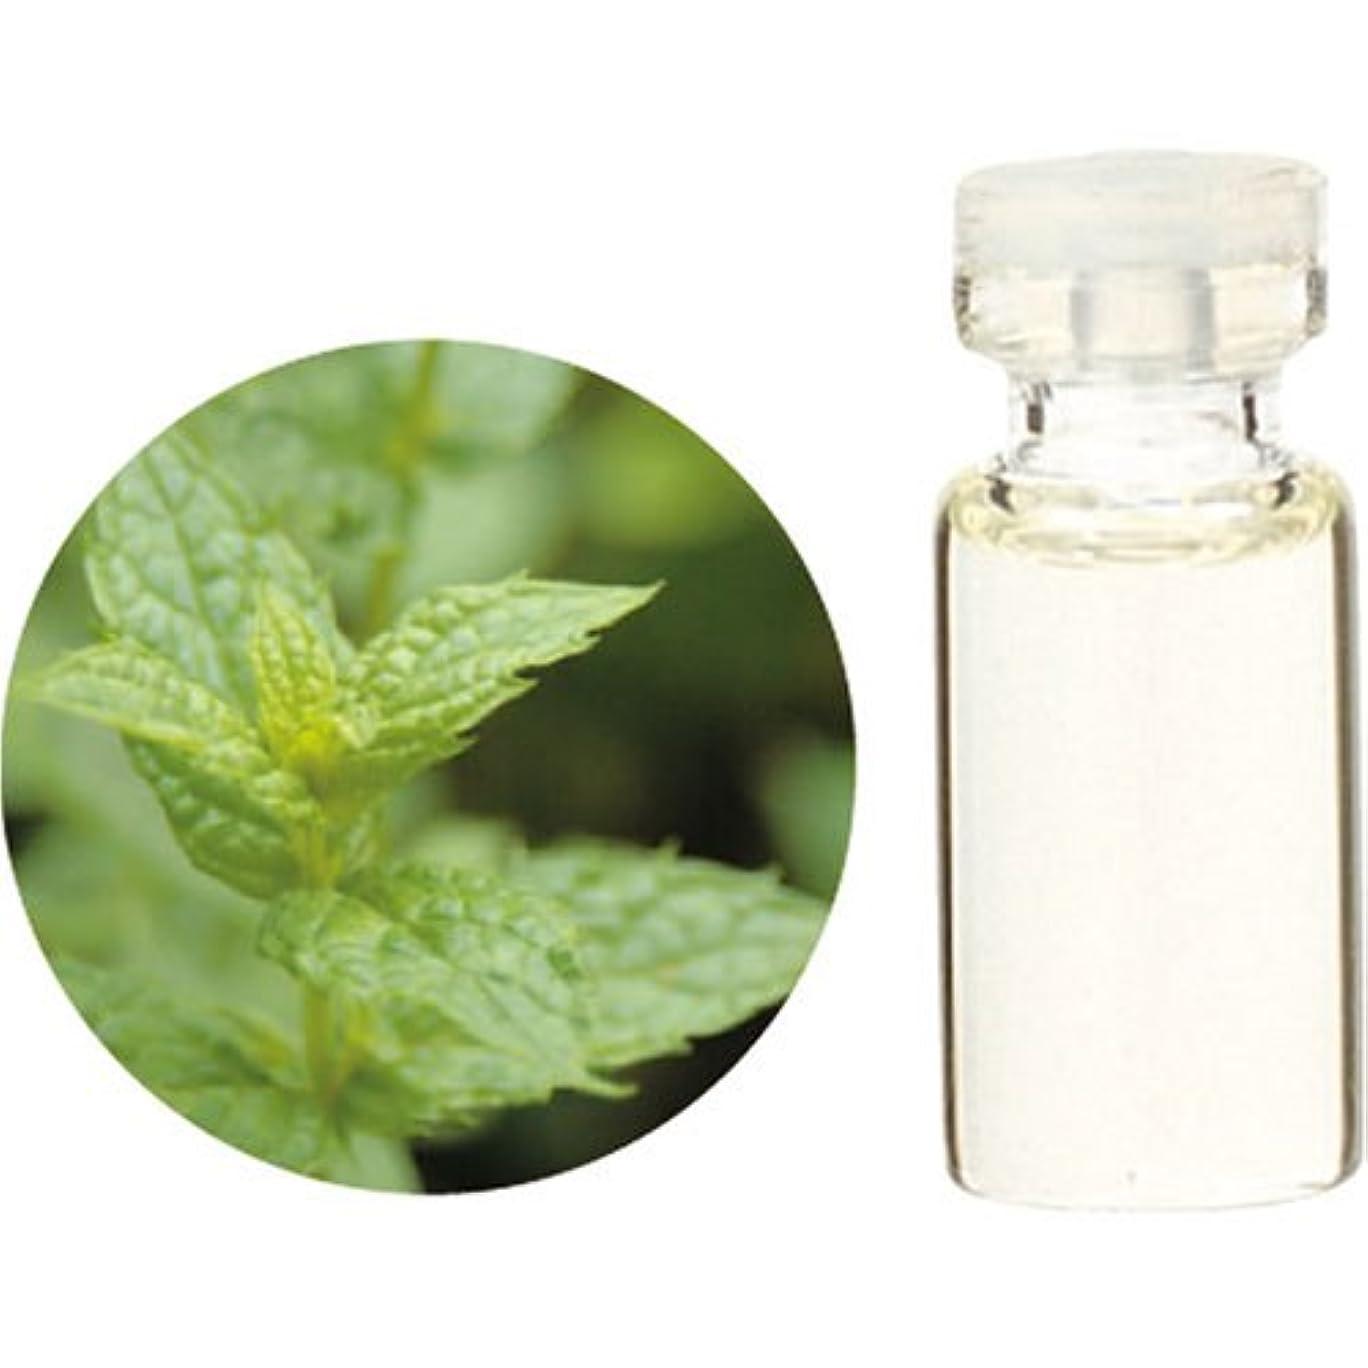 イノセンス塗抹有限Herbal Life スペアミント 10ml